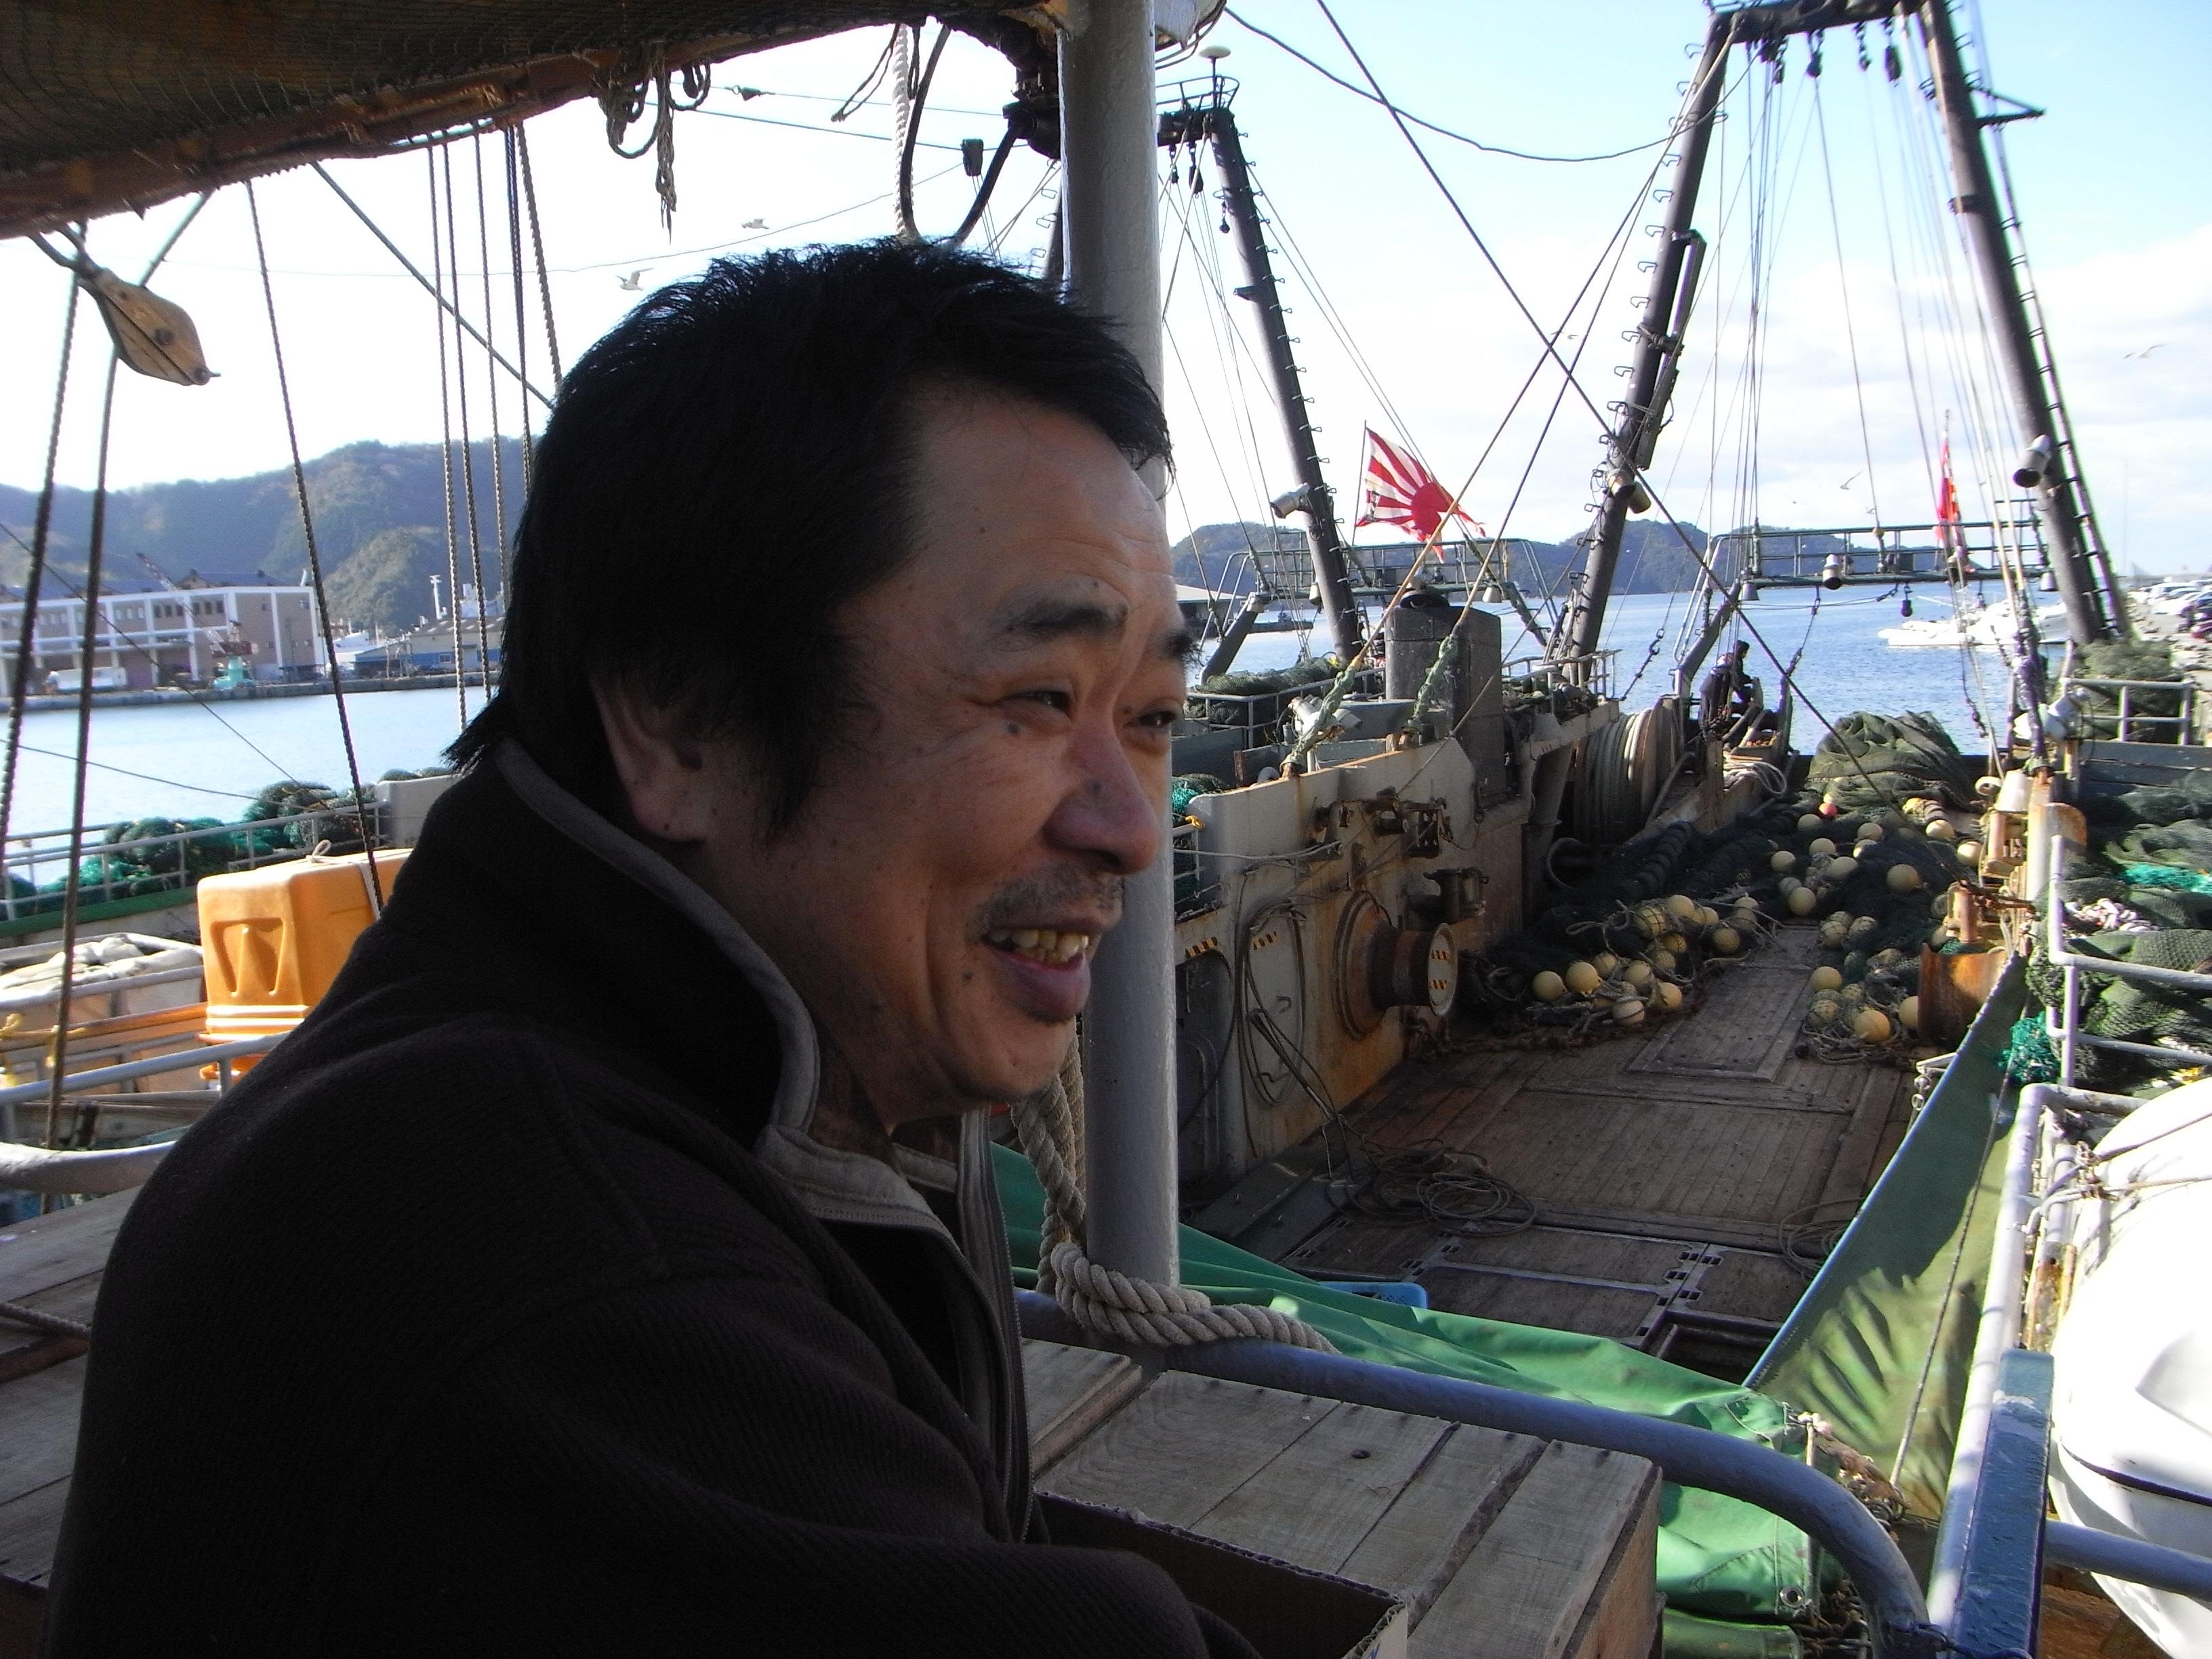 「常に美味しい魚を届けたい!そして何より地元で食べてもらいたい!」浜田淳二さん